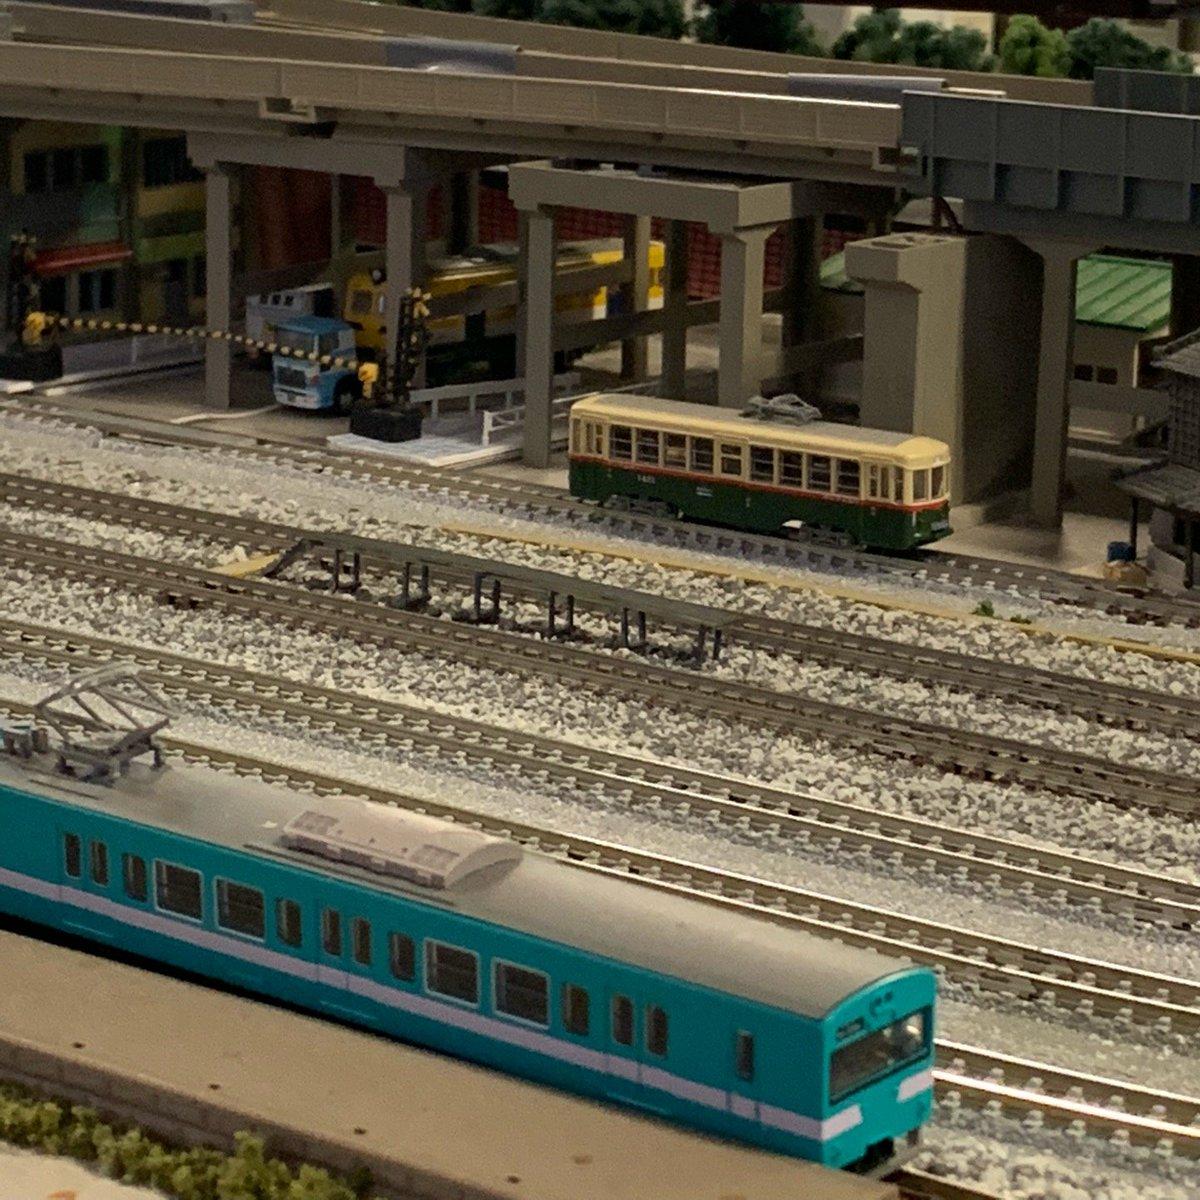 鉄道カフェはるか Nゲージ 名古屋市電1400型(4)クモハ112